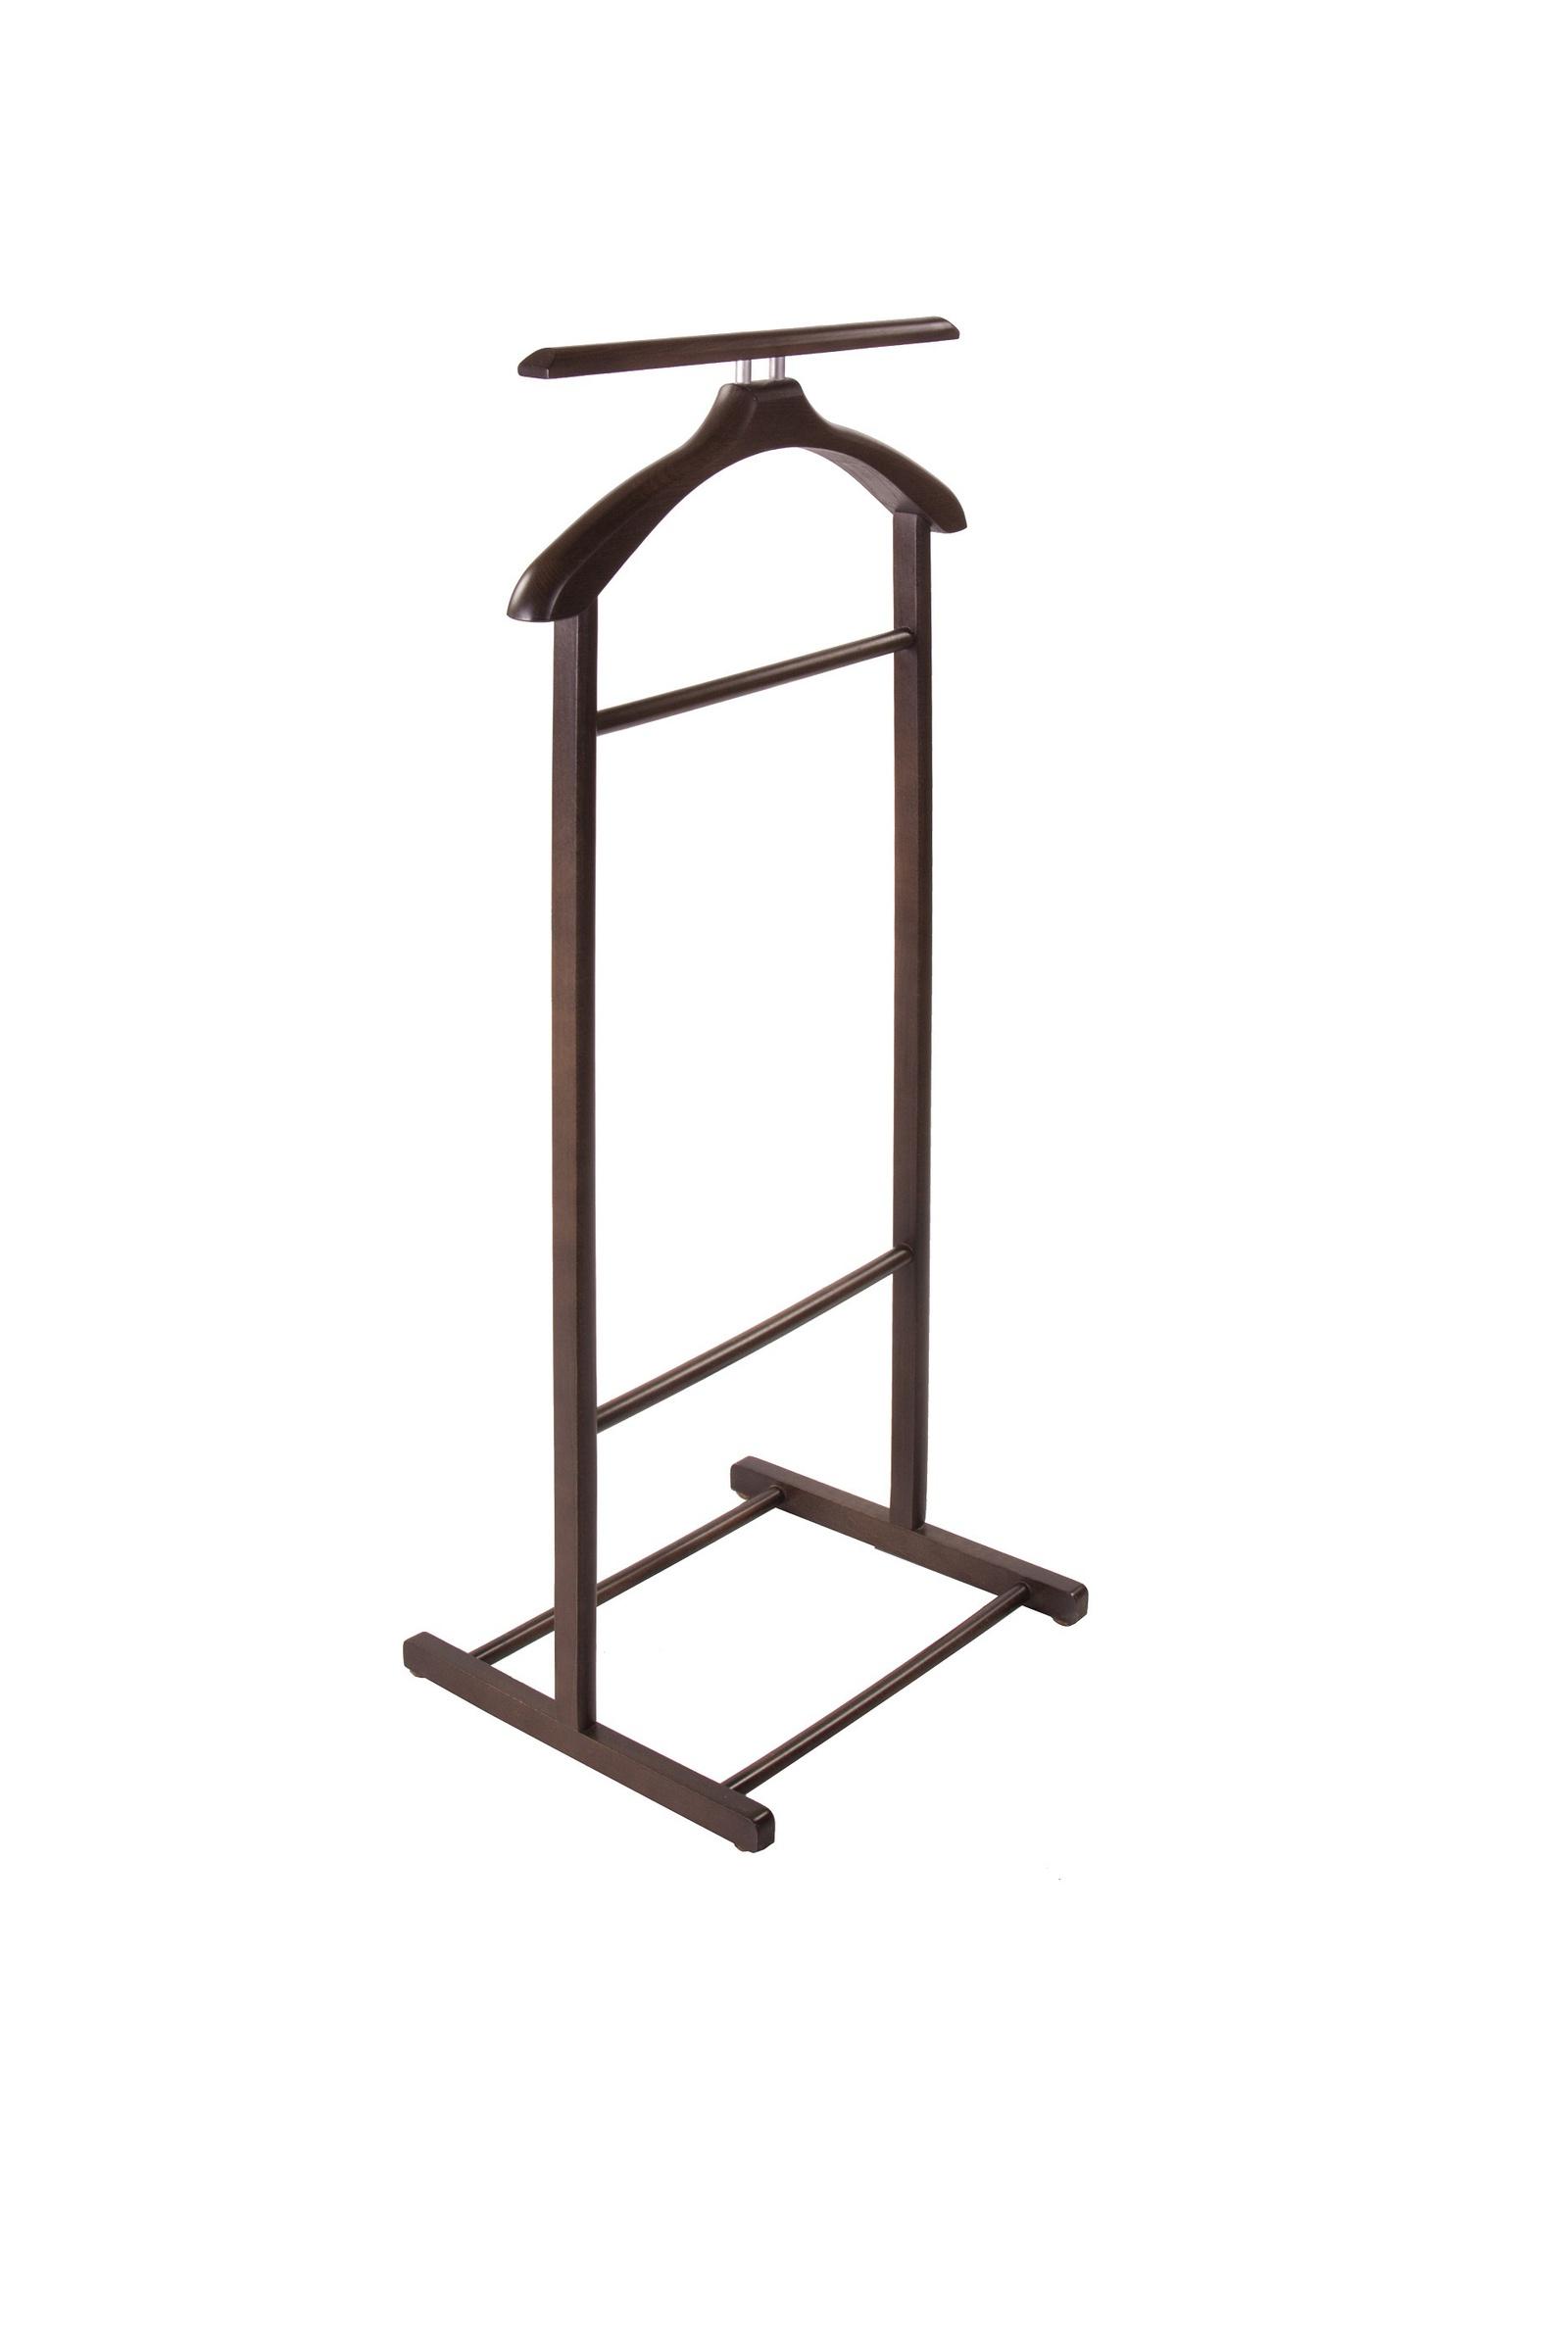 Вешалка напольная Прайм Модель 1, темно-коричневый to4rooms вешалка напольная perth sorrento